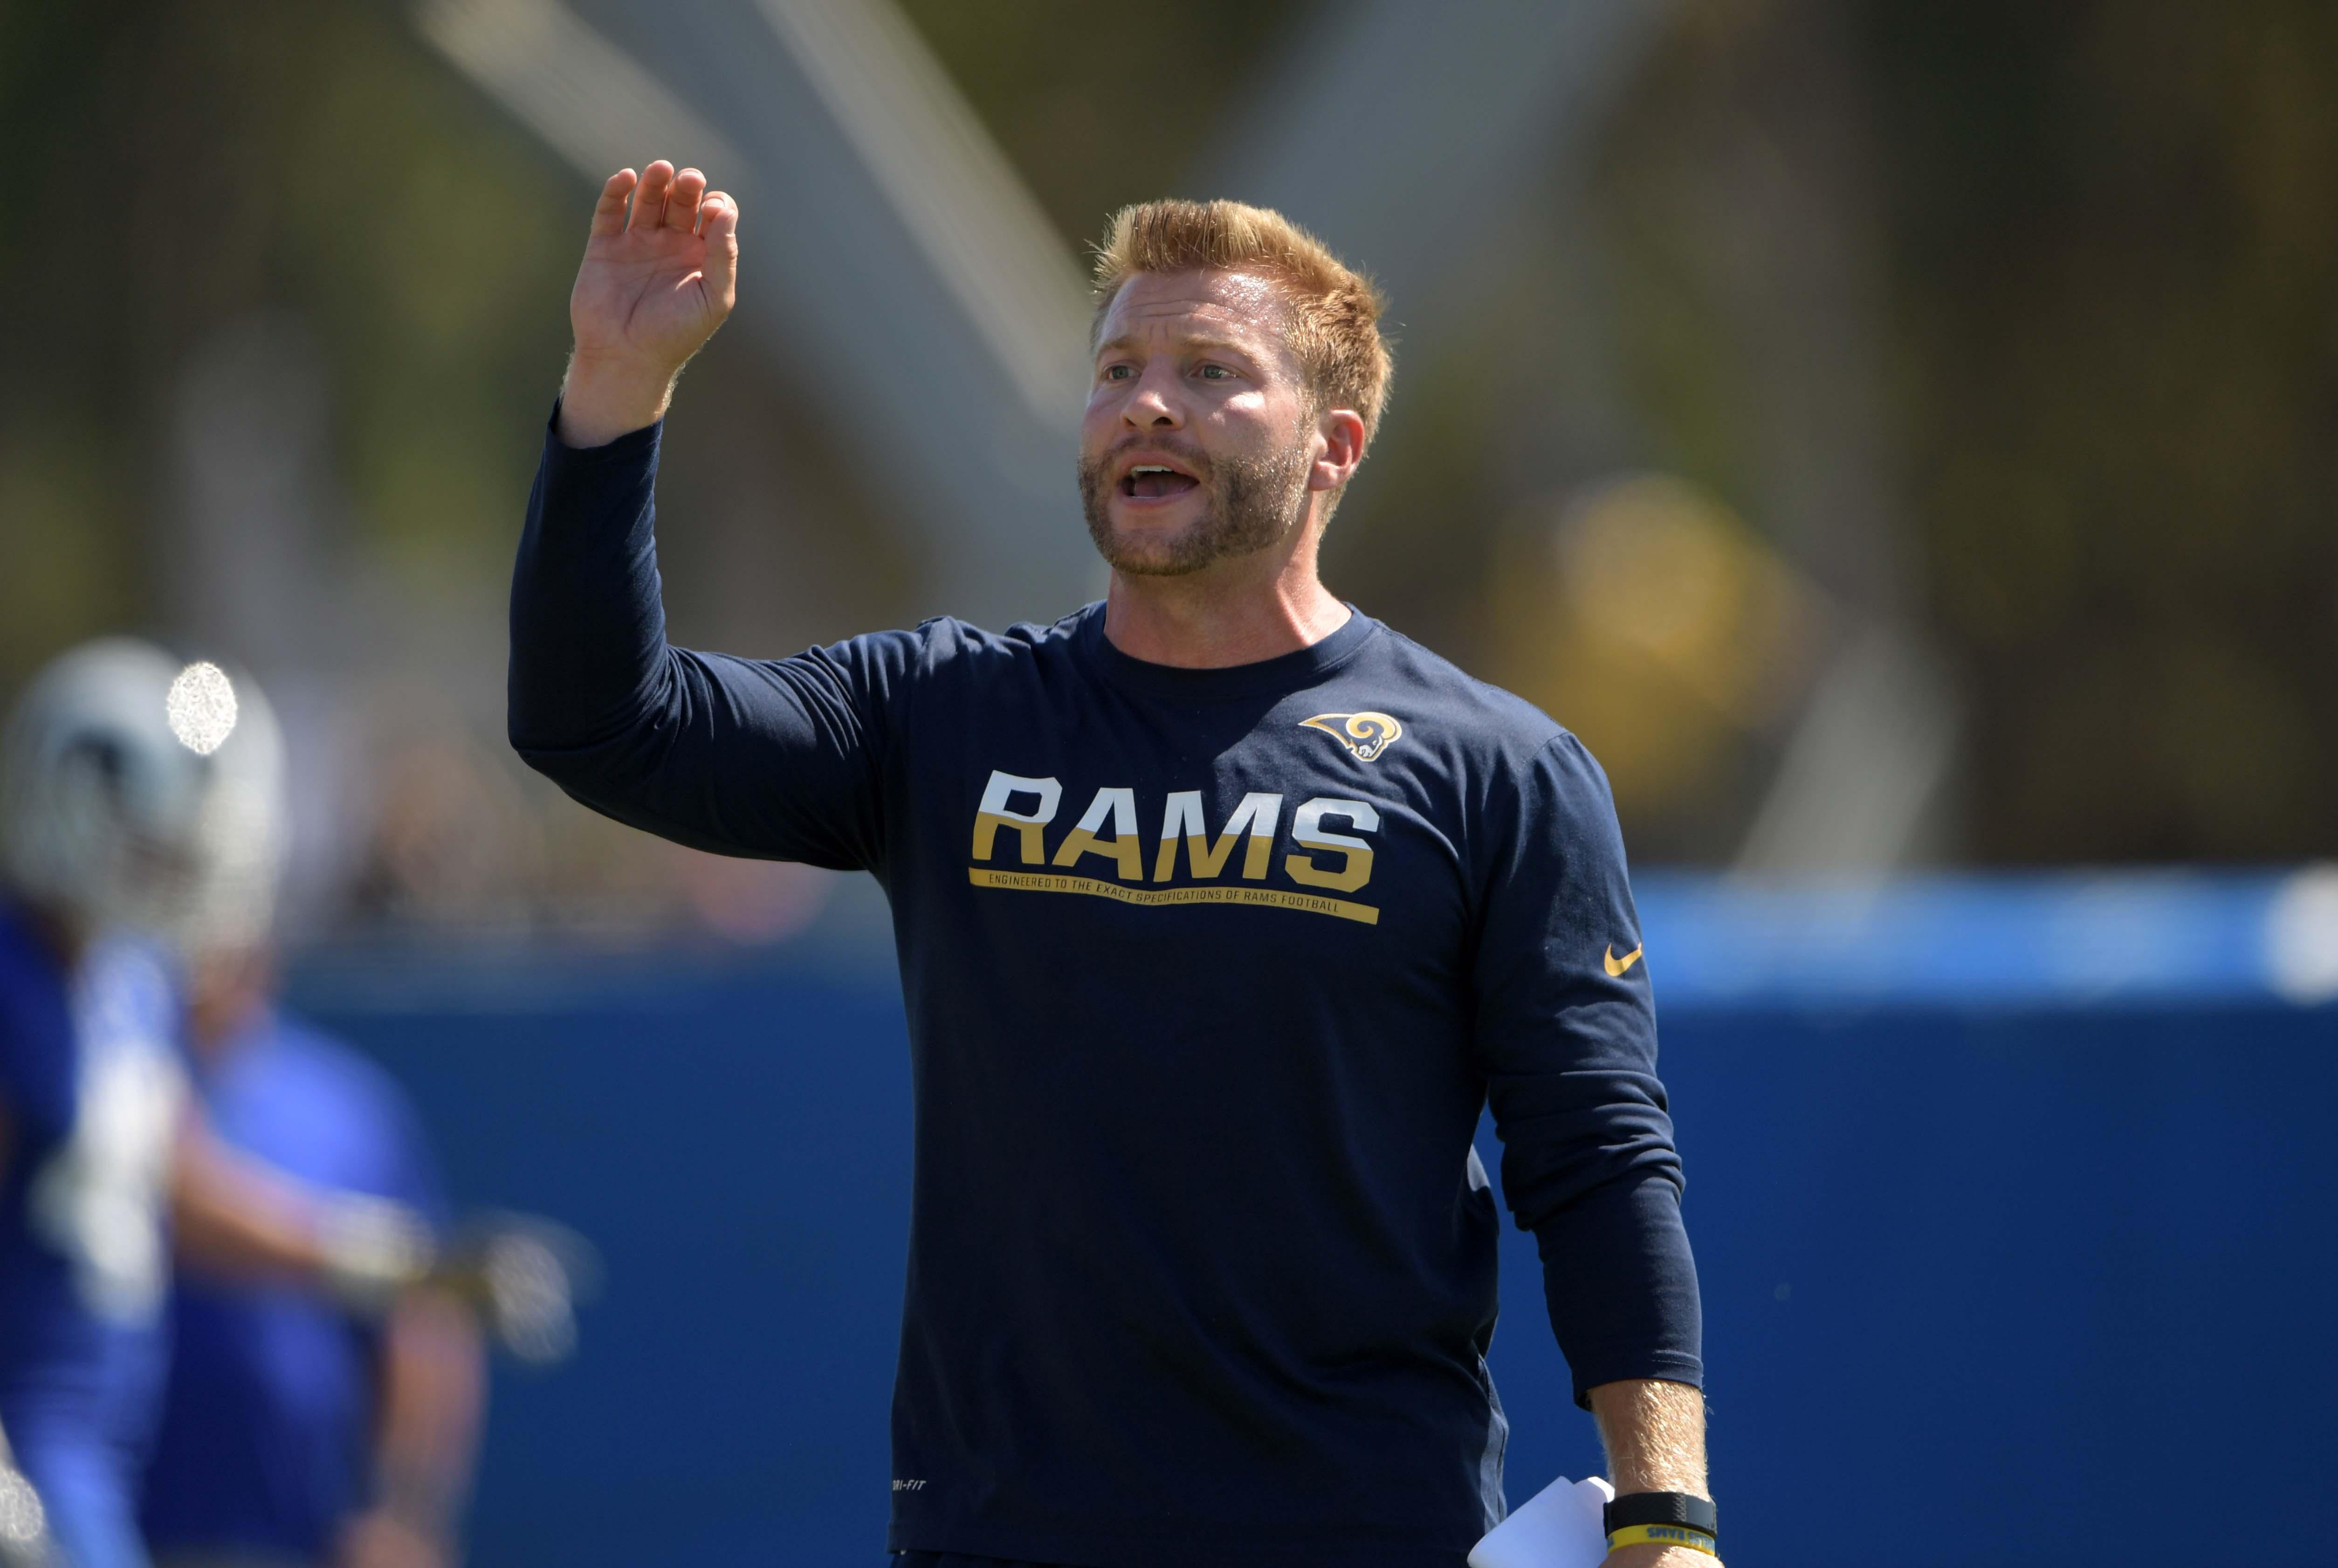 Los Angeles Rams Head Coach Sean McVay